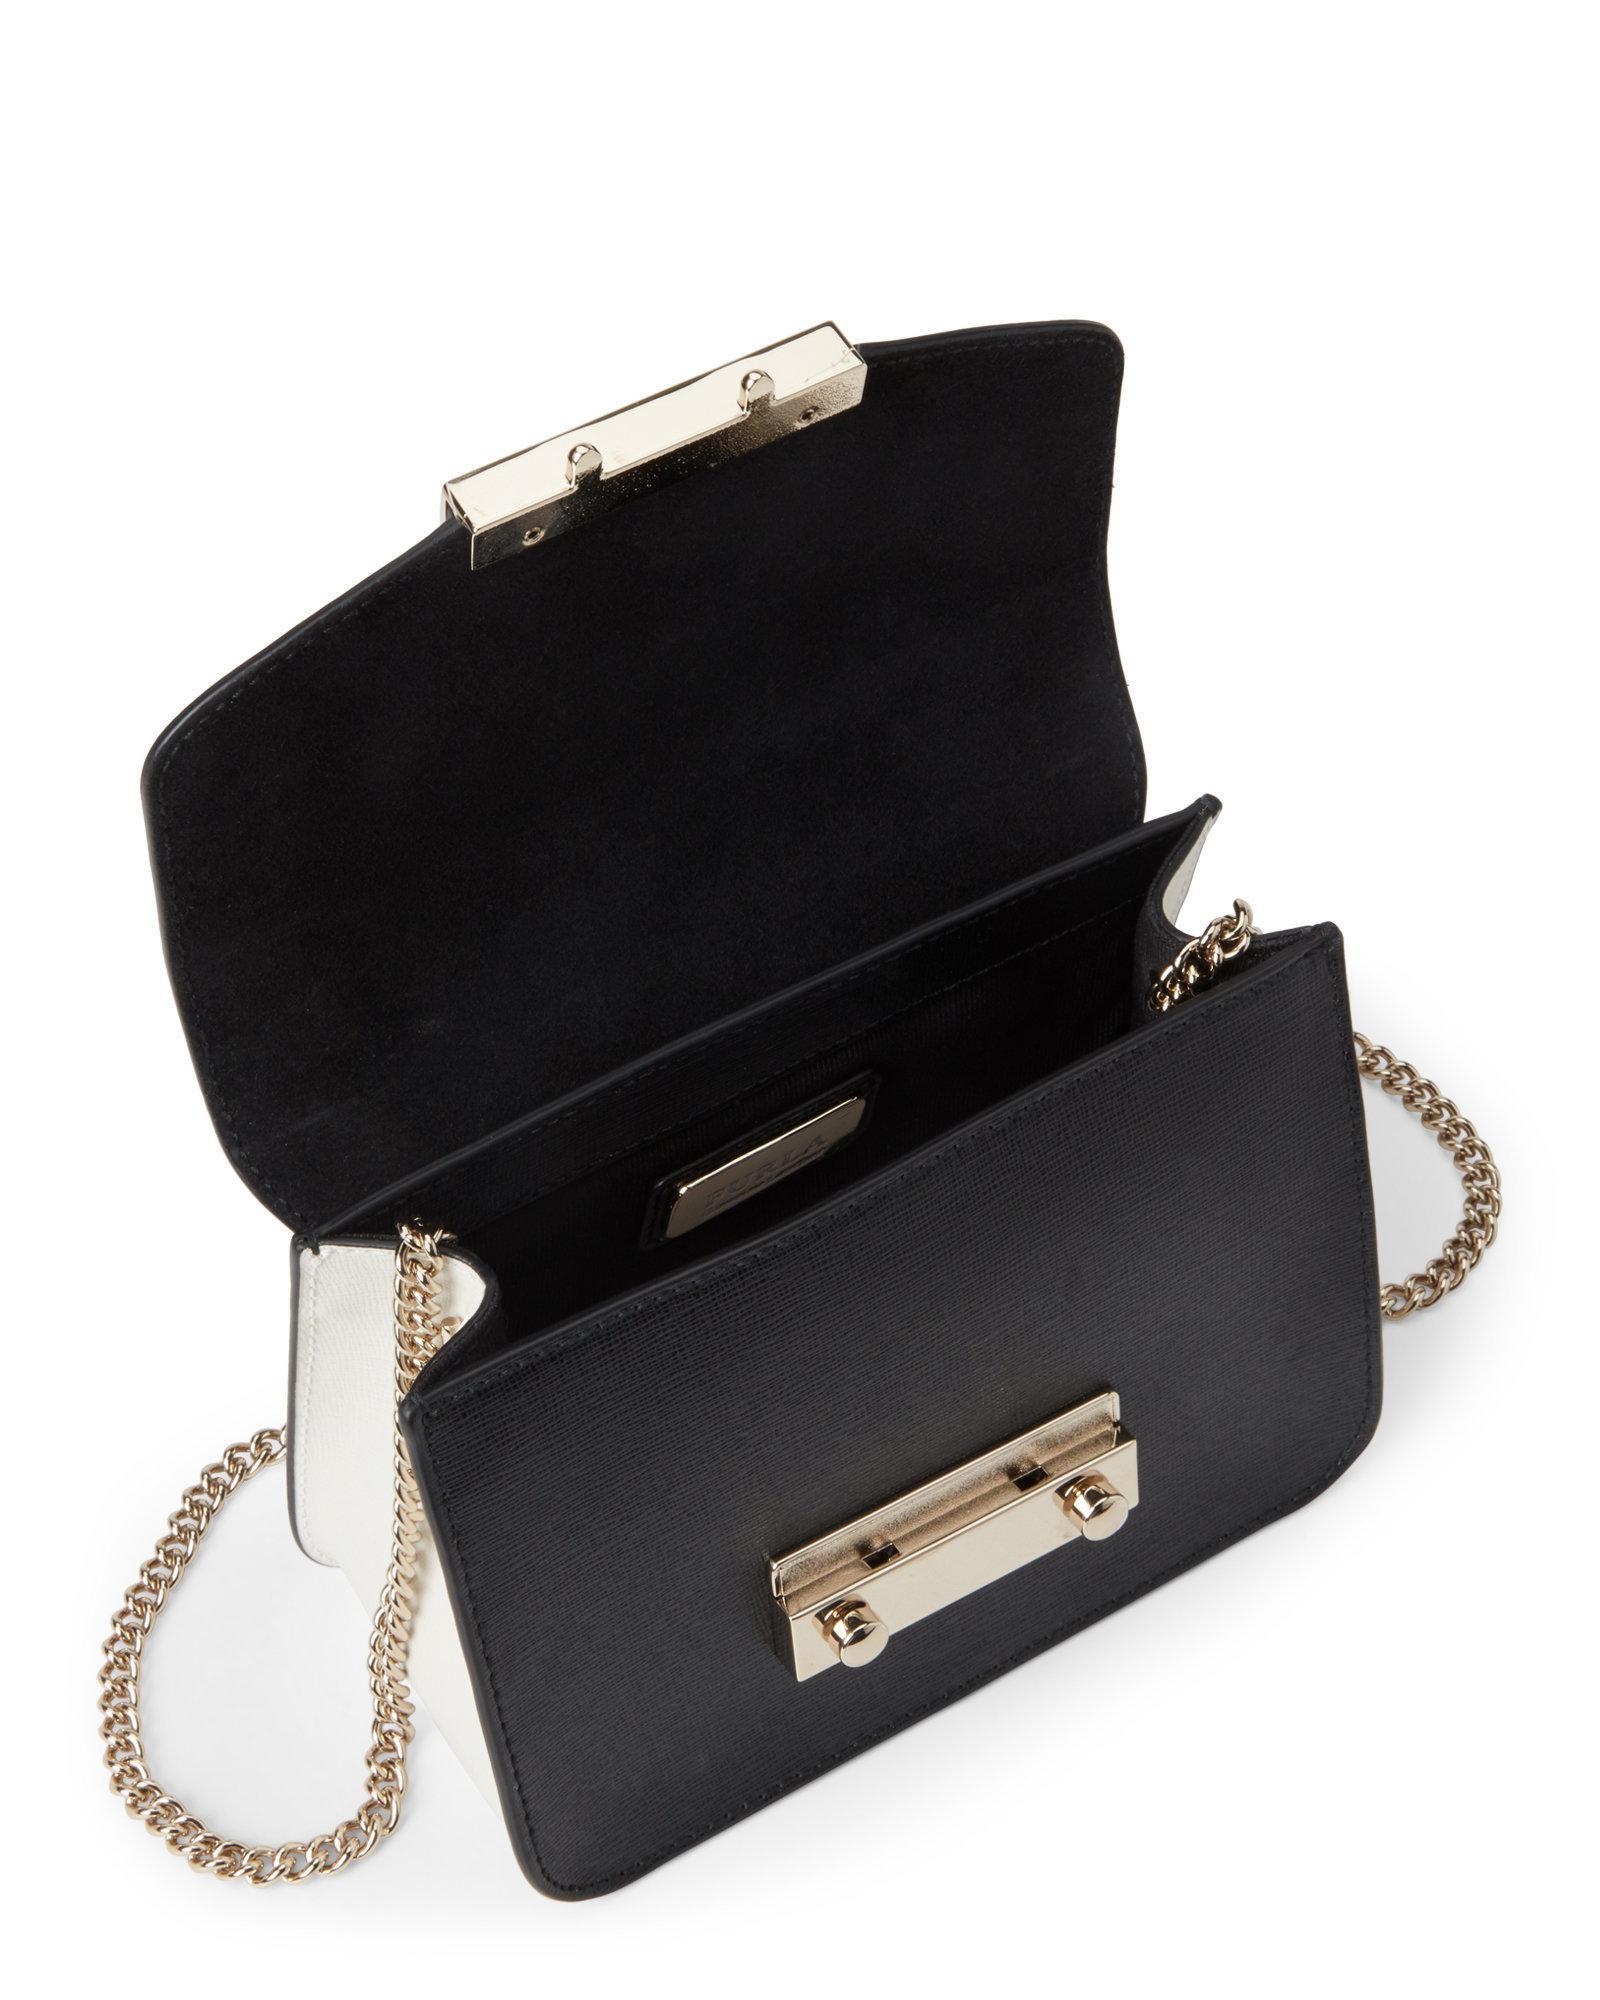 9bcce0f7fde Lyst - Furla Julia Saffiano Leather Mini Crossbody in Black